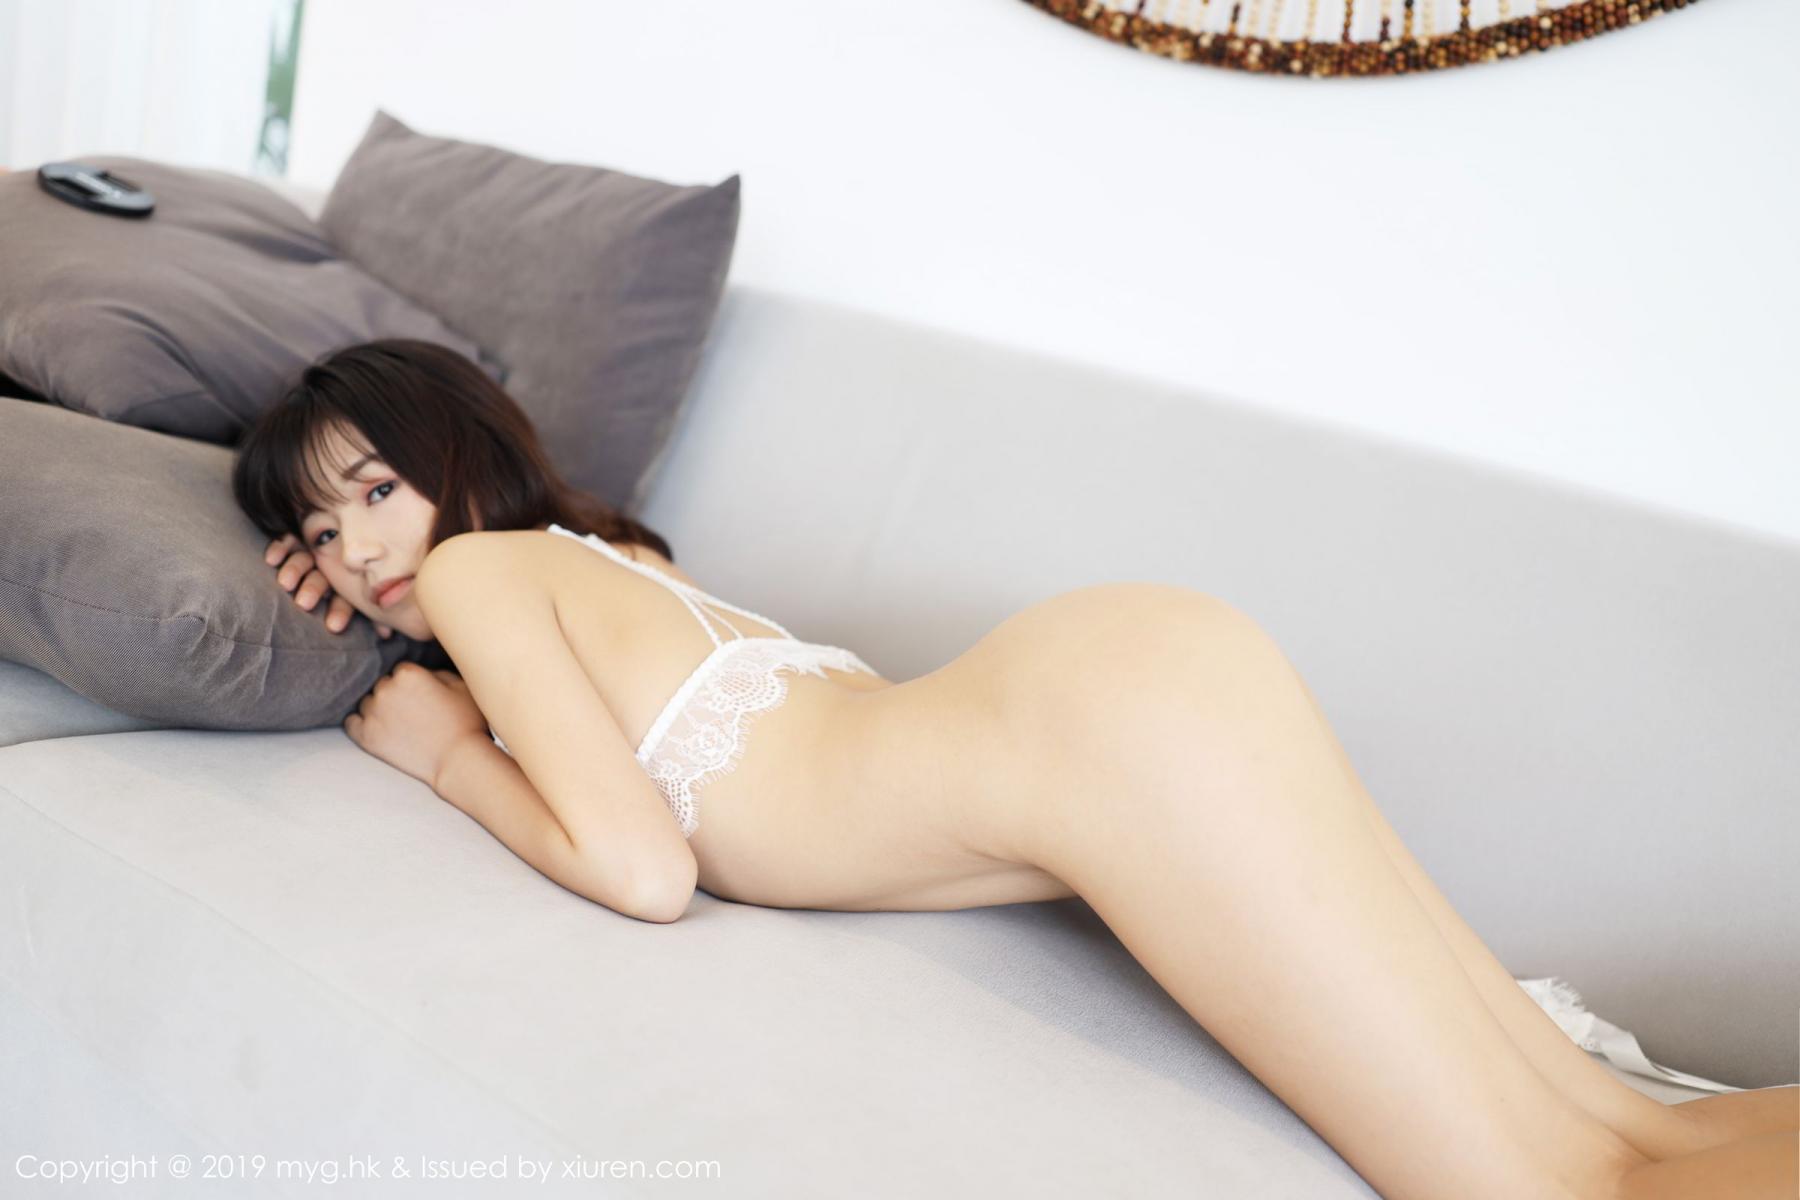 [MyGirl] Vol.359 Cang Jing You Xiang 31P, Adult, Cang Jing You Xiang, mygirl, Underwear